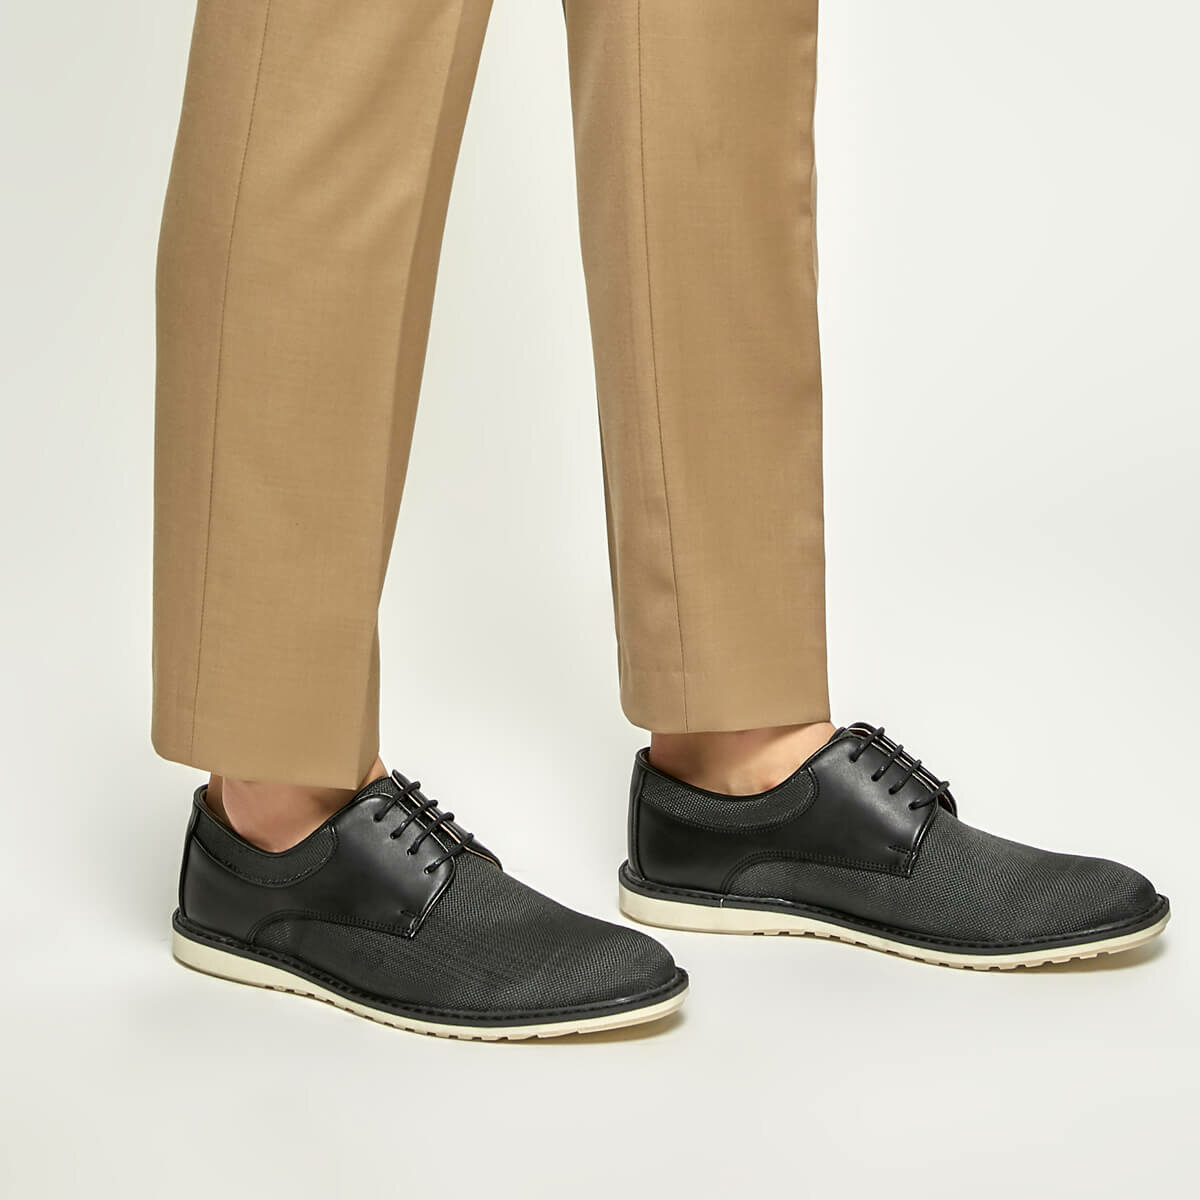 FLO 5700-1 Black Men 'S Shoes-Styles